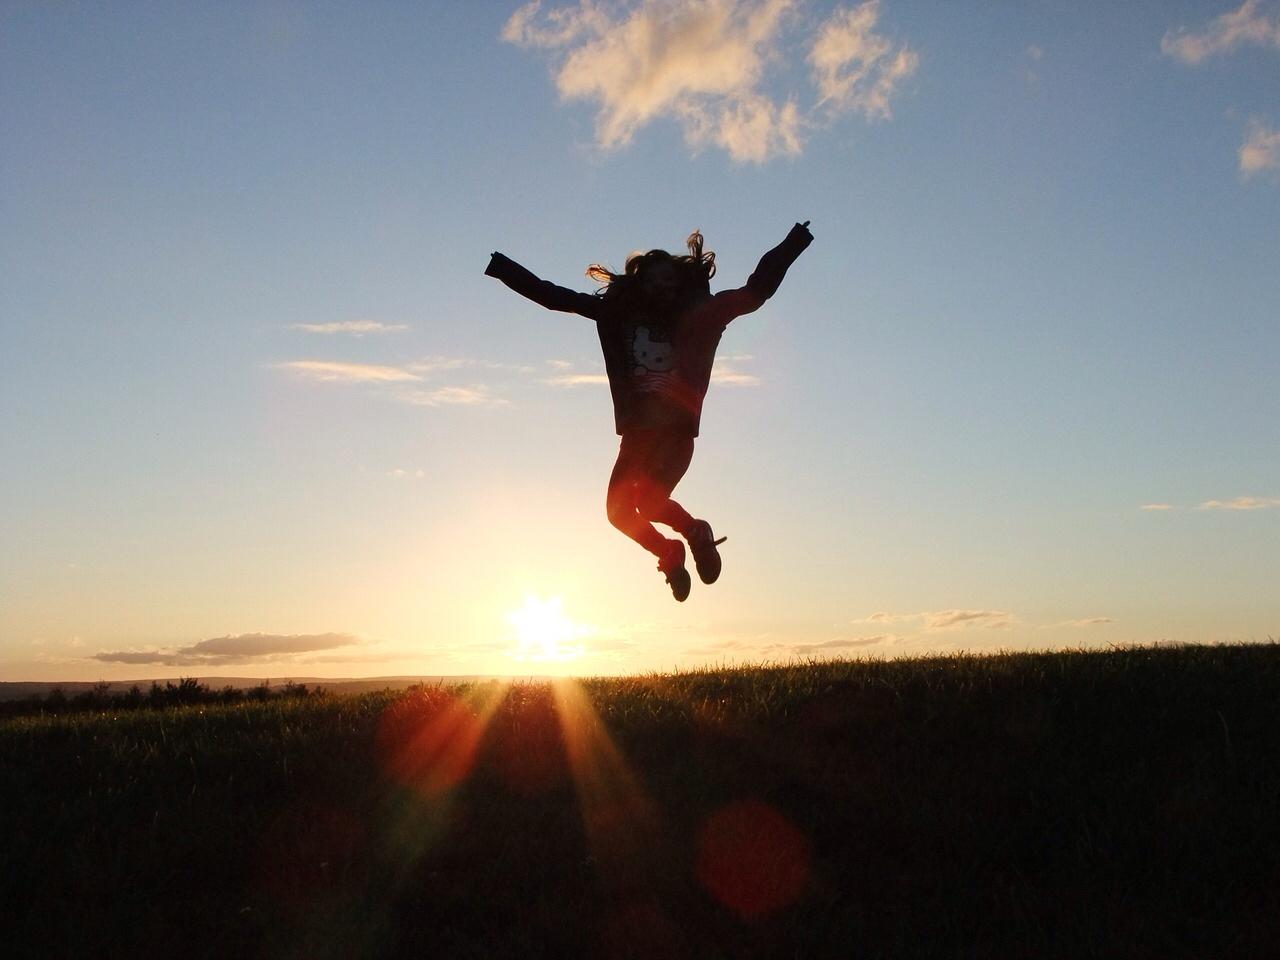 Frau springt bei Sonnenuntergang in die Höhe mit ausgestreckten Armen, im Gegenlicht